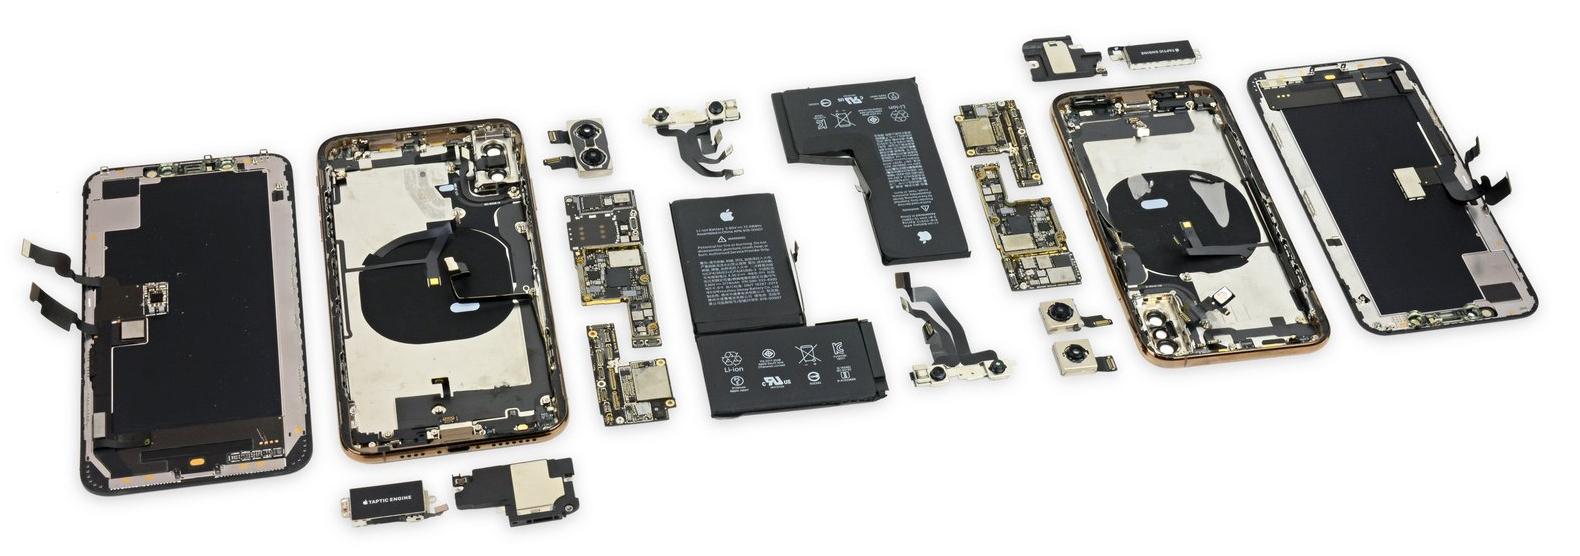 Iphone reparatur frankfurt westend